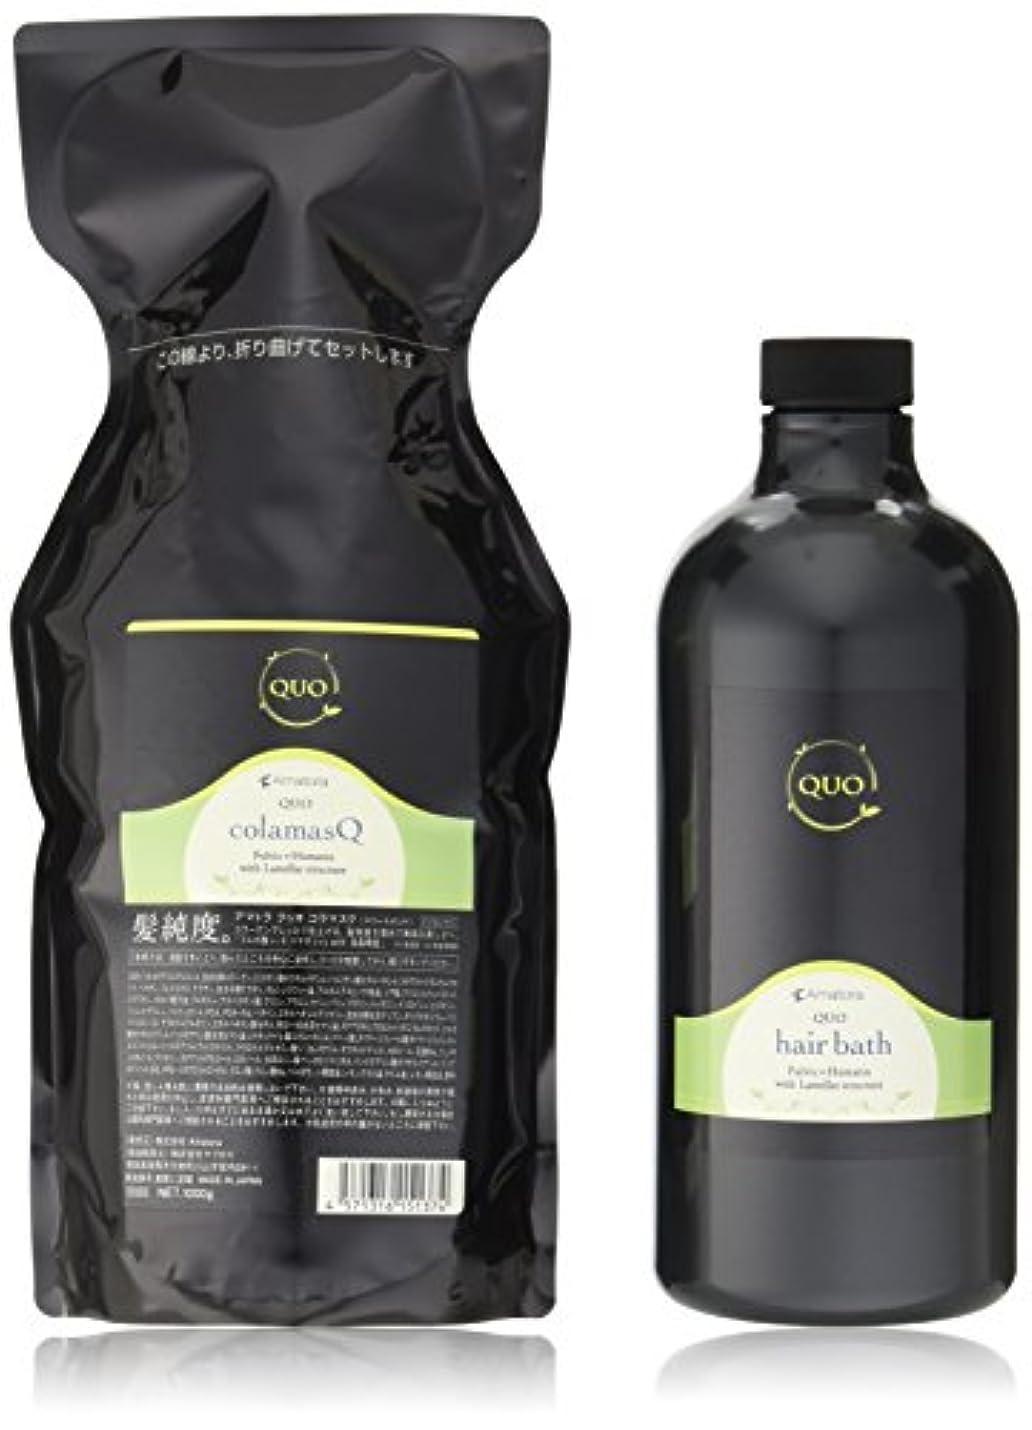 活気づく渇き毛布アマトラ クゥオ ヘアバス es 1000mL & コラマスク 1000g セット 詰め替え